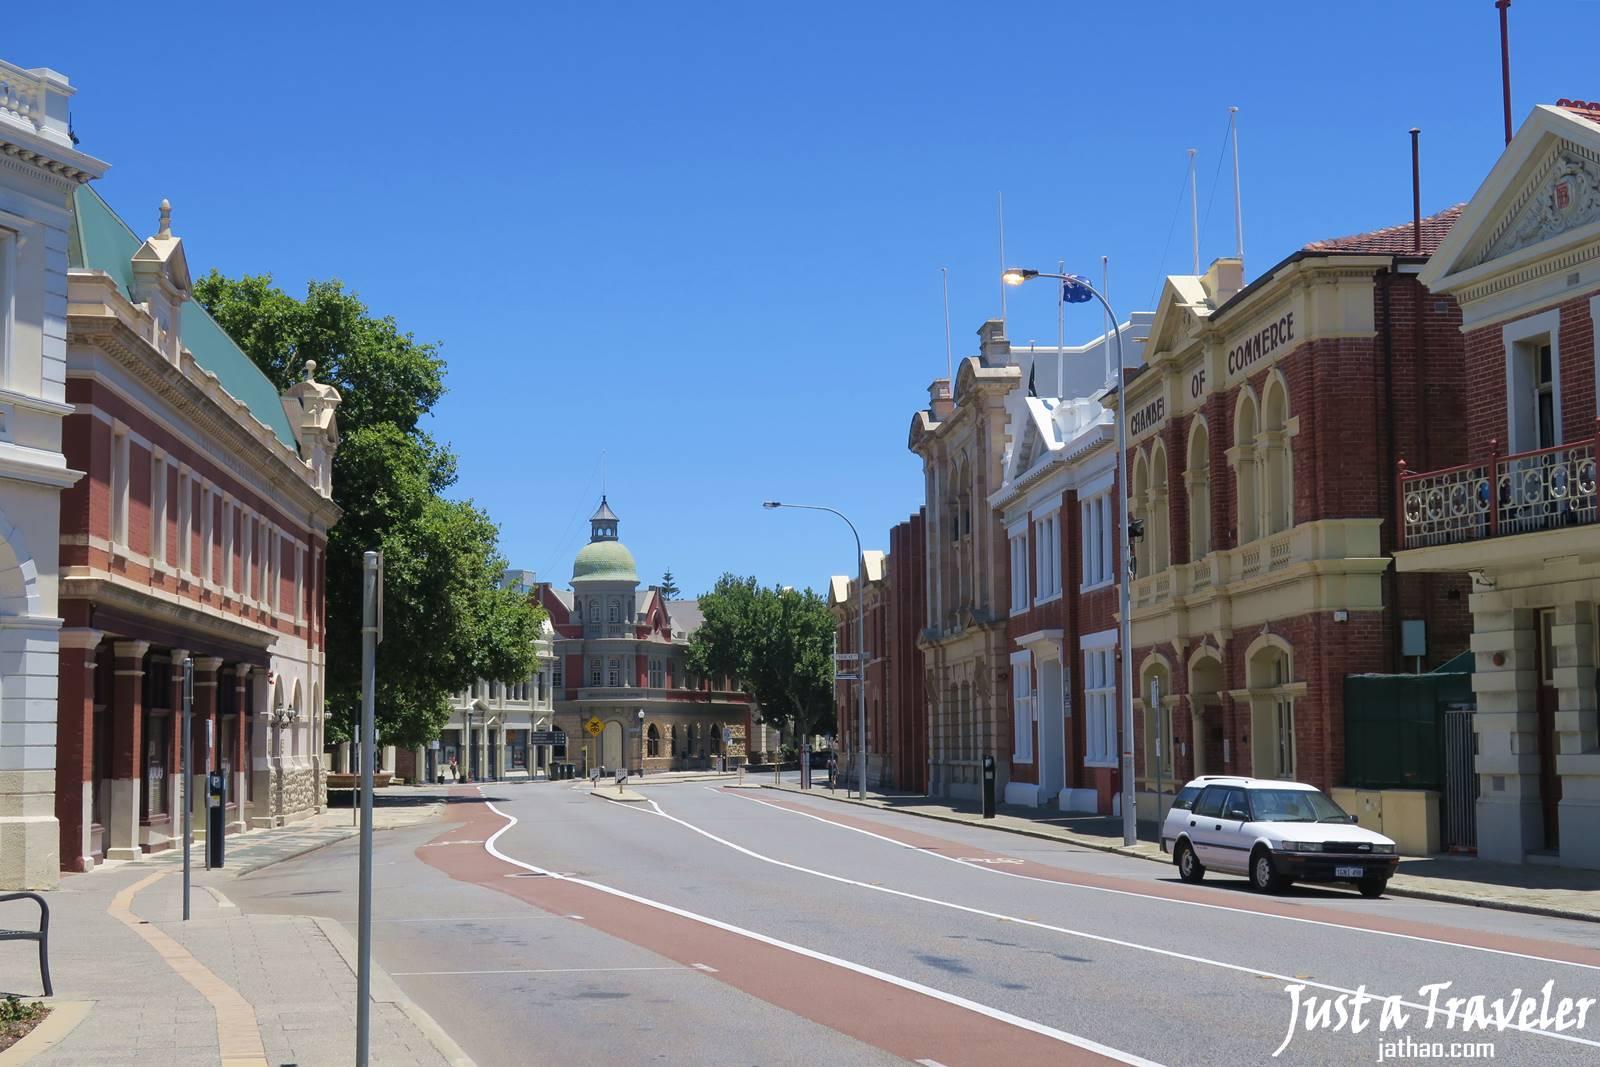 伯斯-推薦-景點-費里曼圖-Fremantle-自由行-交通-必去-必玩-美食-旅遊-行程-一日遊-遊記